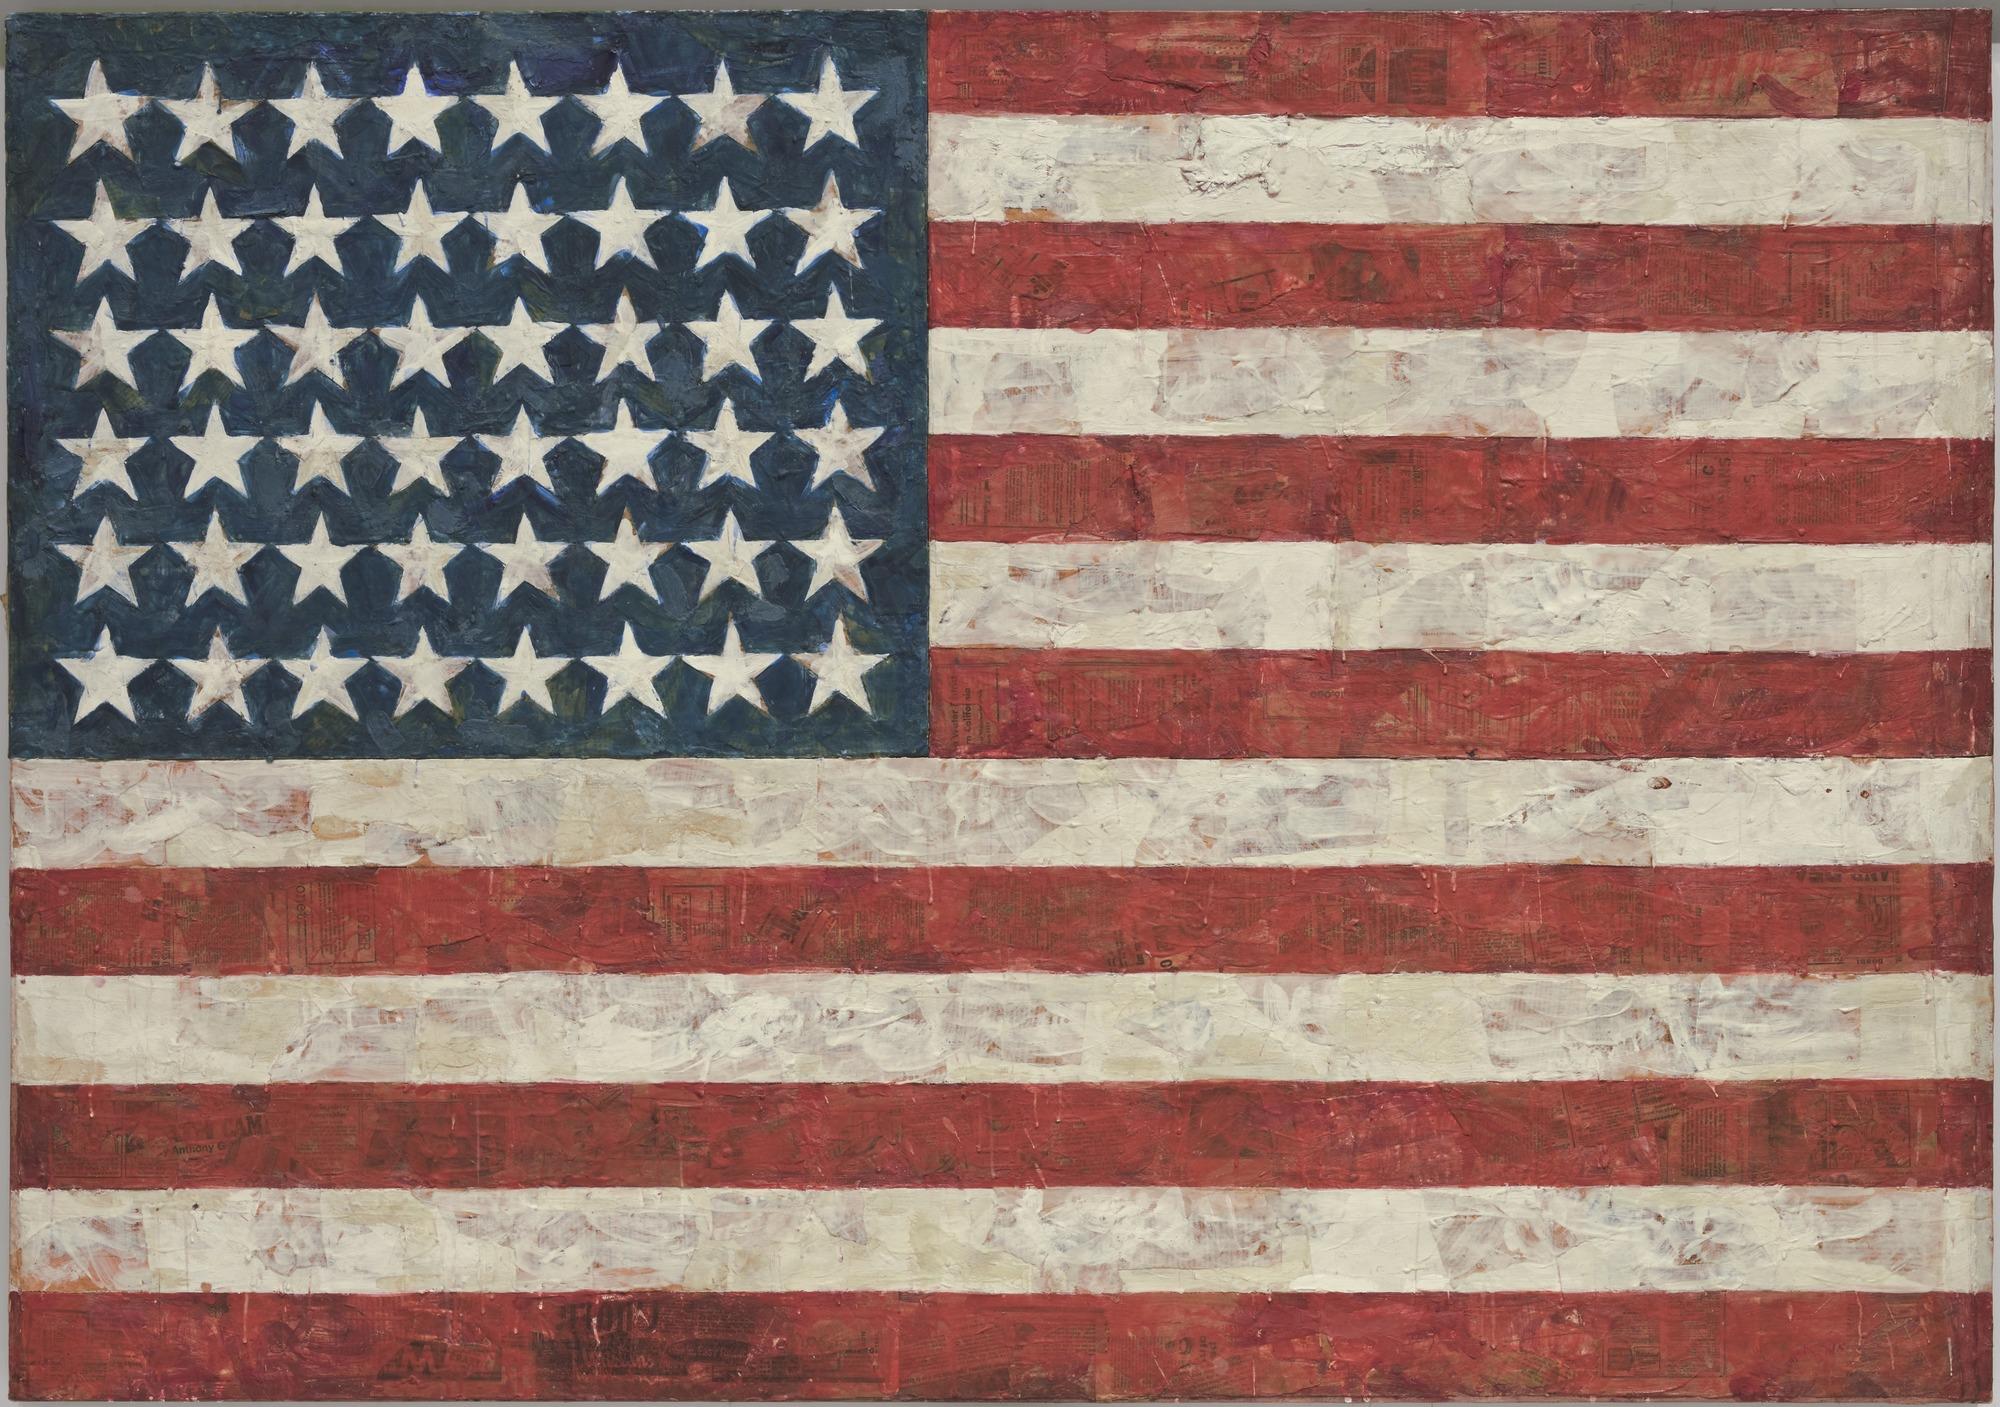 USA flag_Jasper Johns.jpg